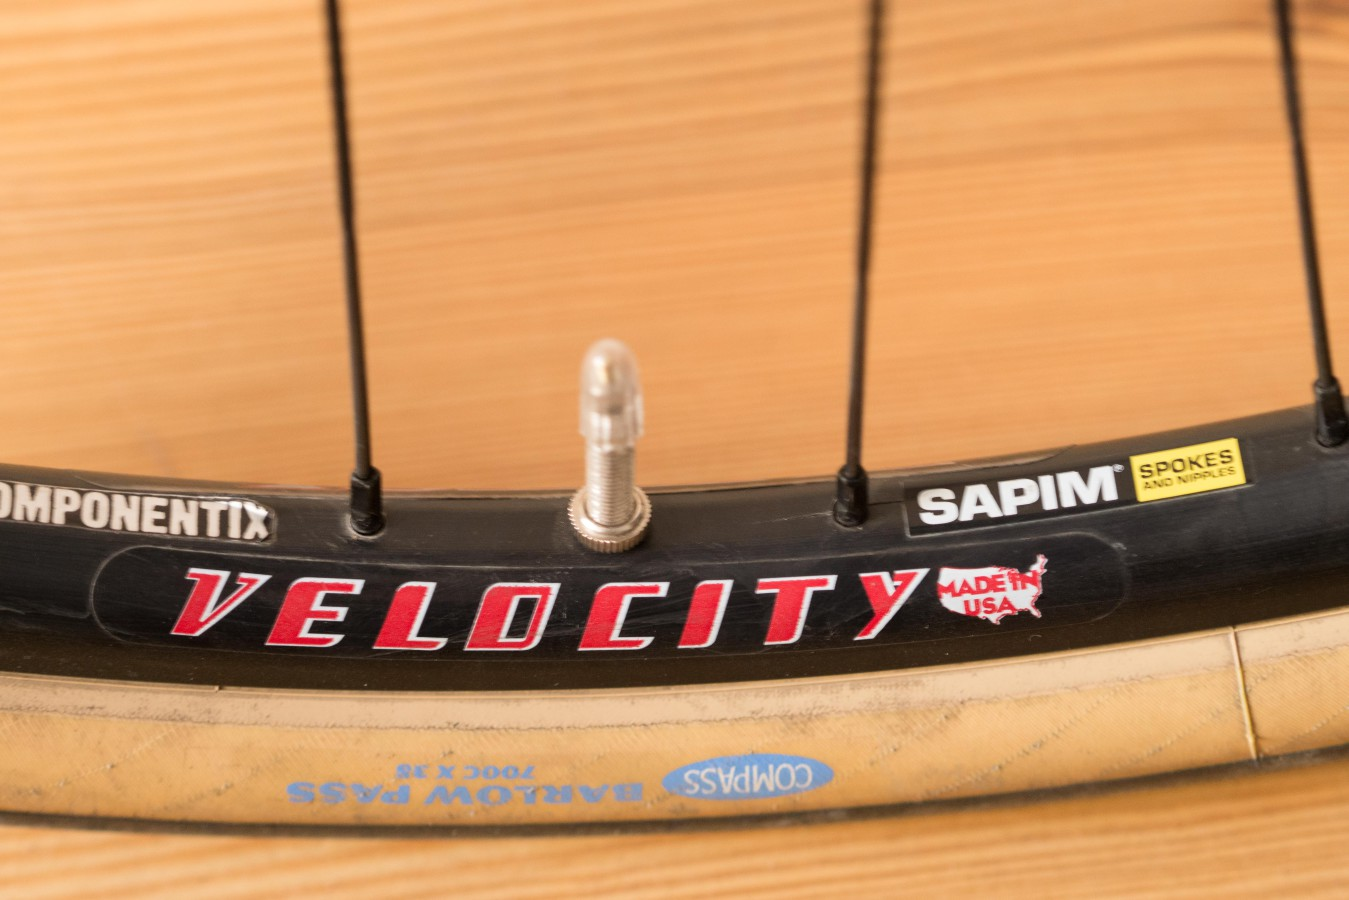 Velocity Rims-1050116